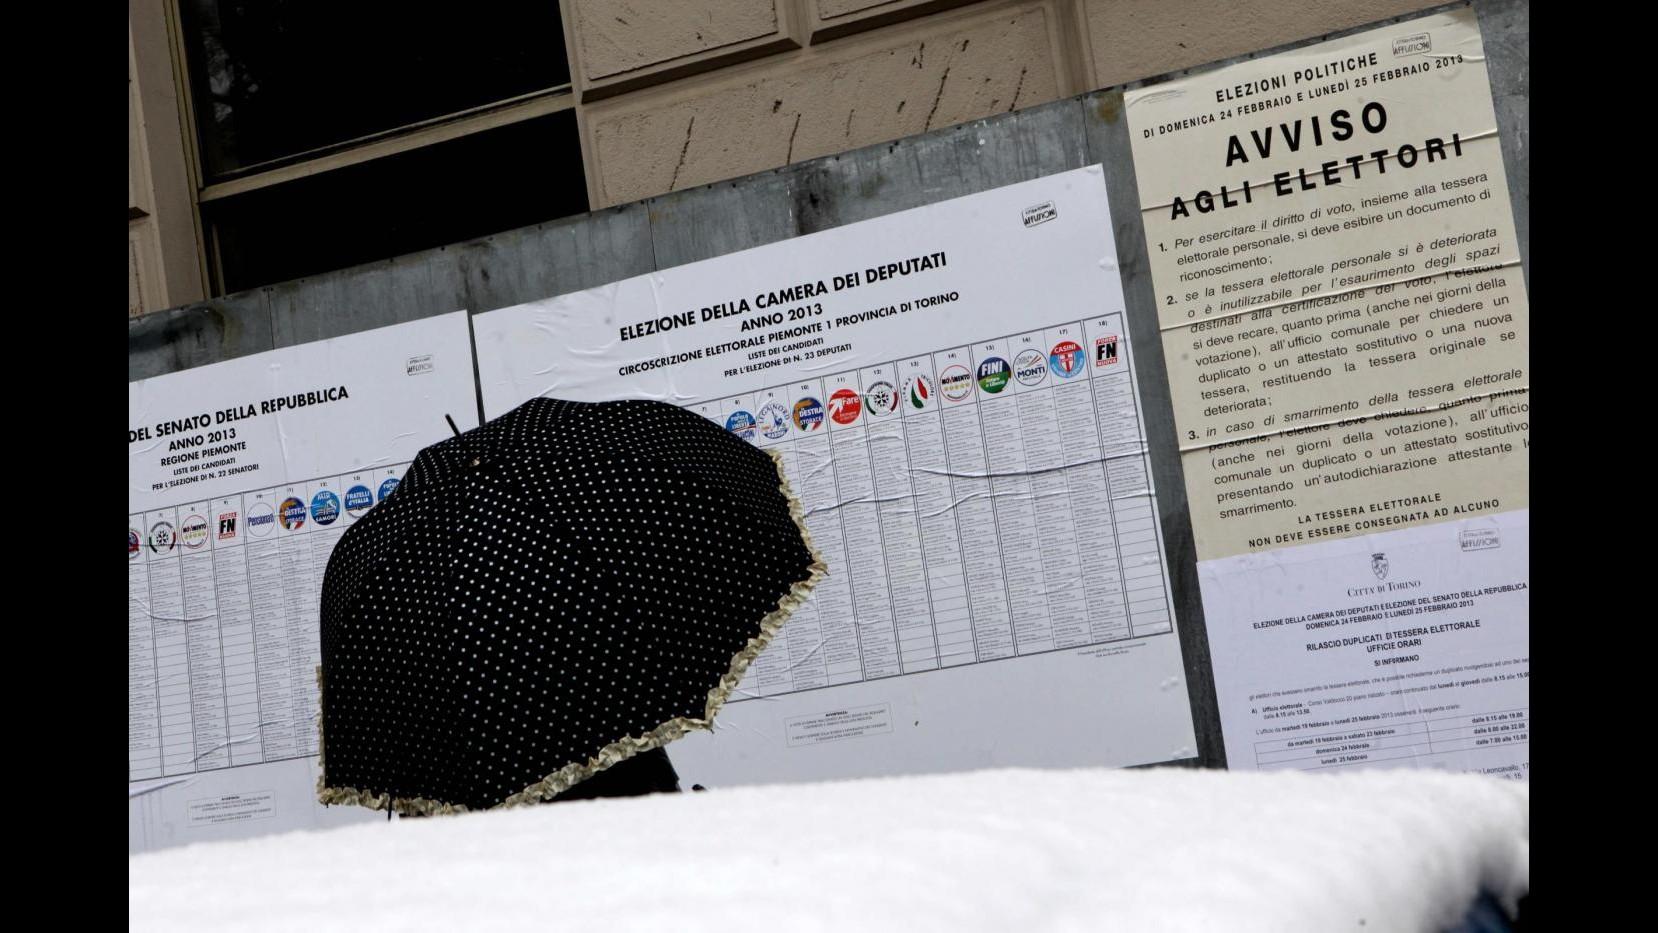 Napoli, carabinieri arrestano quattro persone per voto di scambio